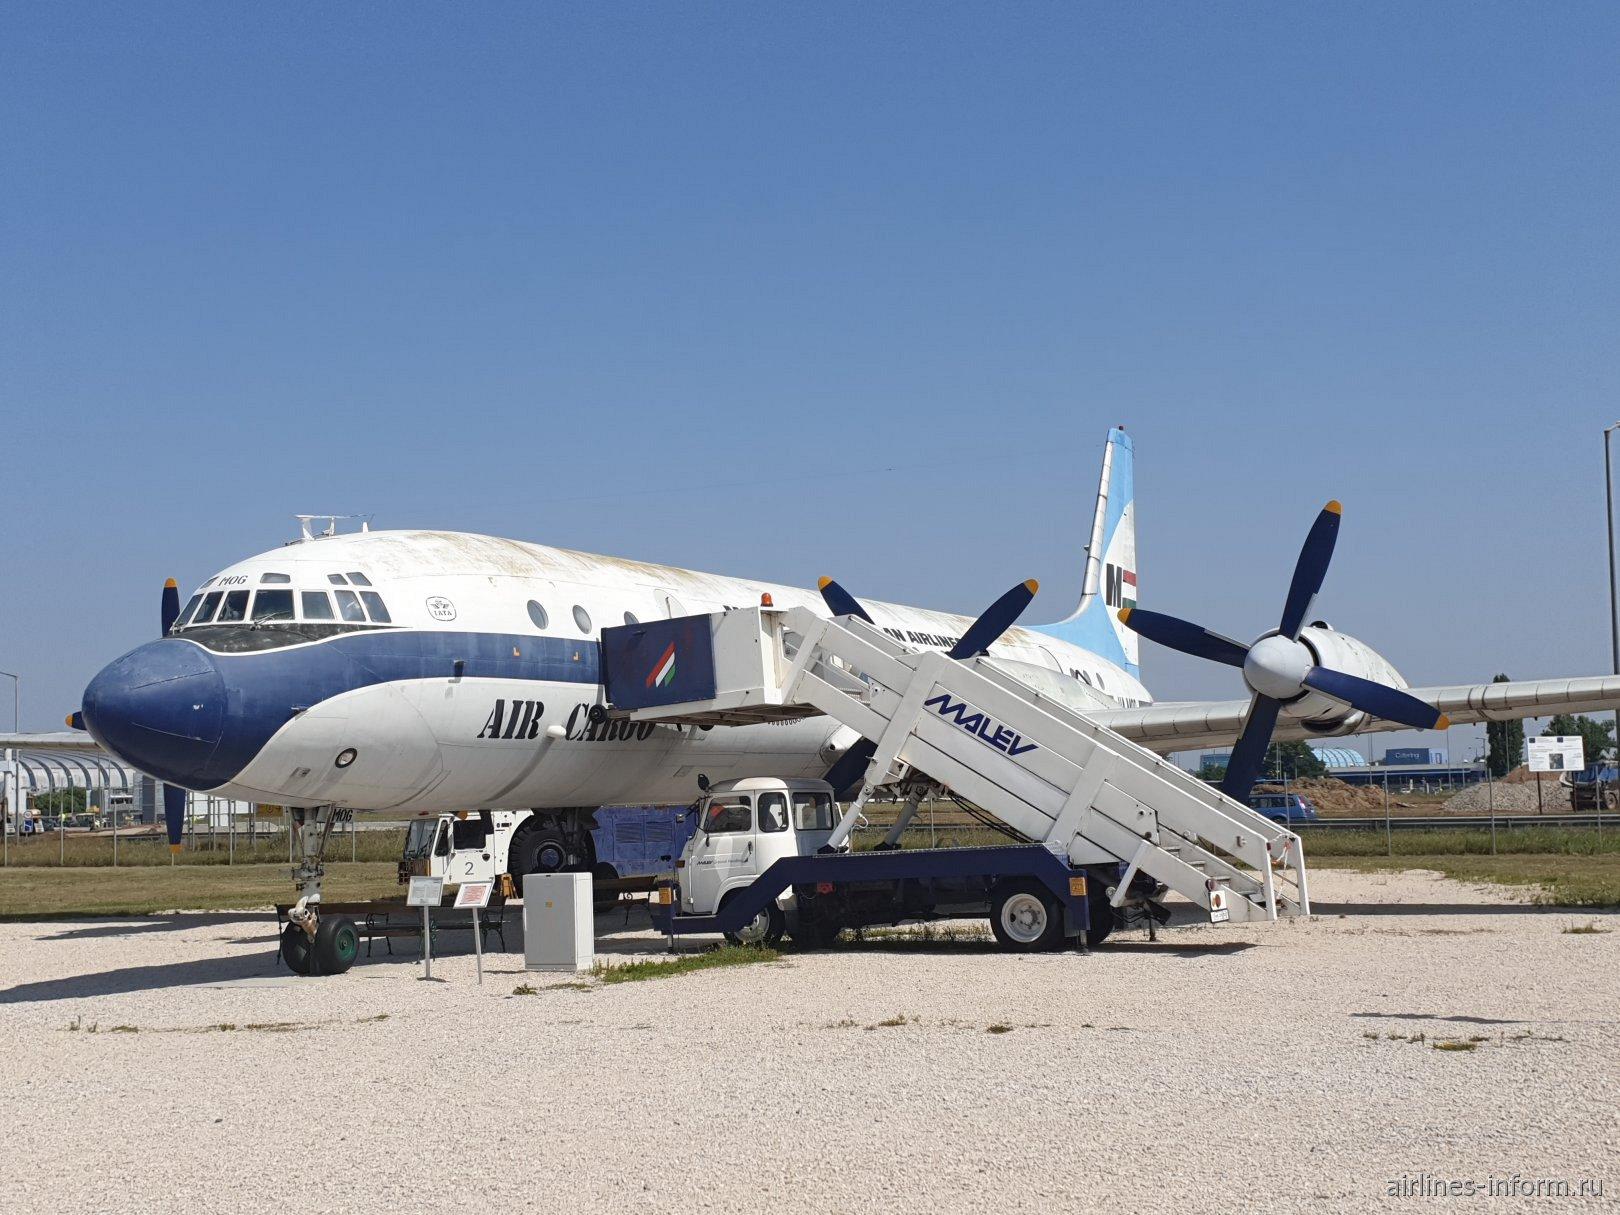 Самолет Ил-18 HA-MOG авиакомпании Malev в музее аэропорта Будапешт